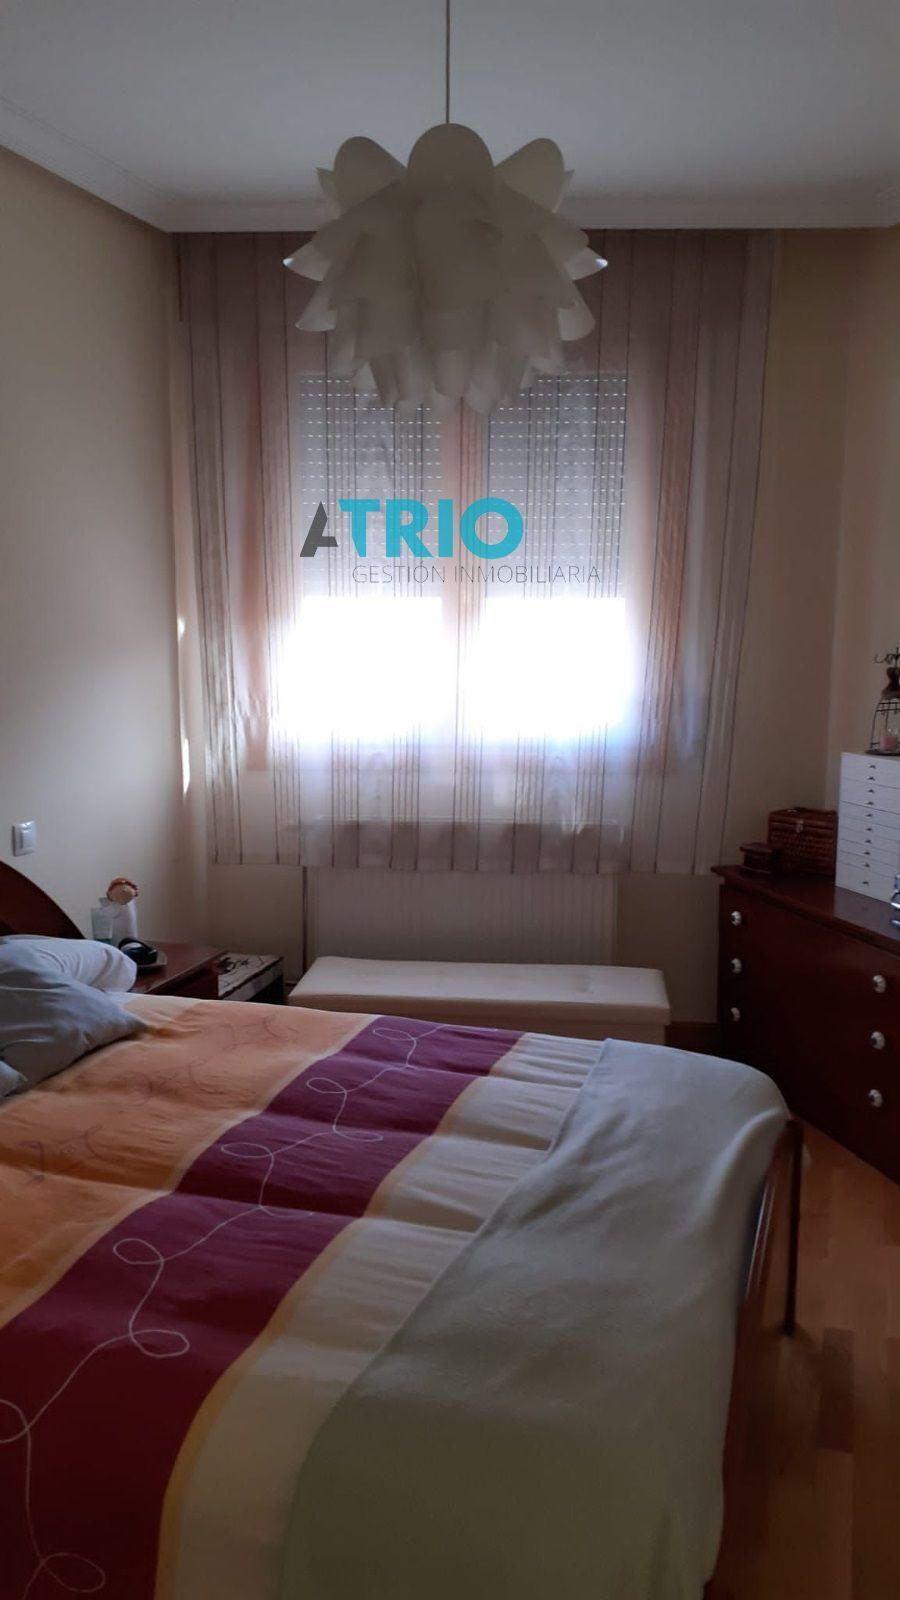 dia.mobiliagestion.es/Portals/inmoatrio/Images/7428/6445389